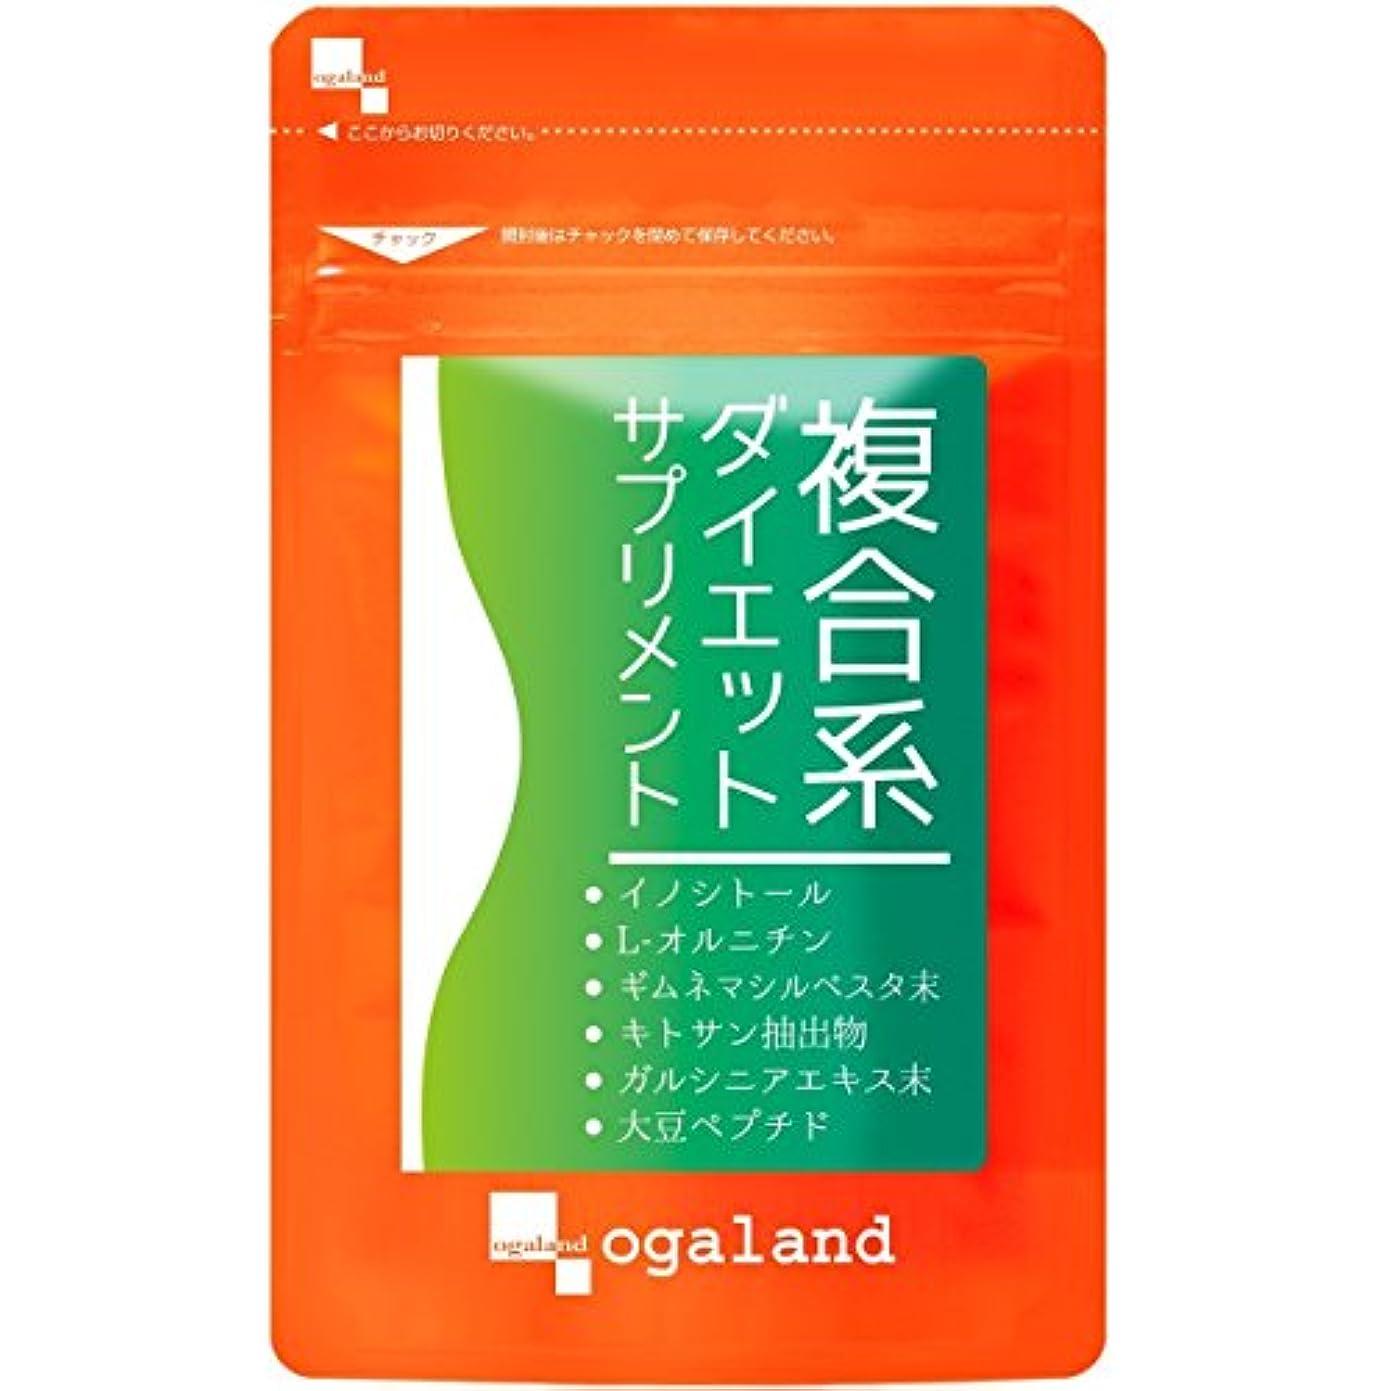 空の脚本行う【Amazon.co.jp限定】複合系ダイエットサプリメント 90粒